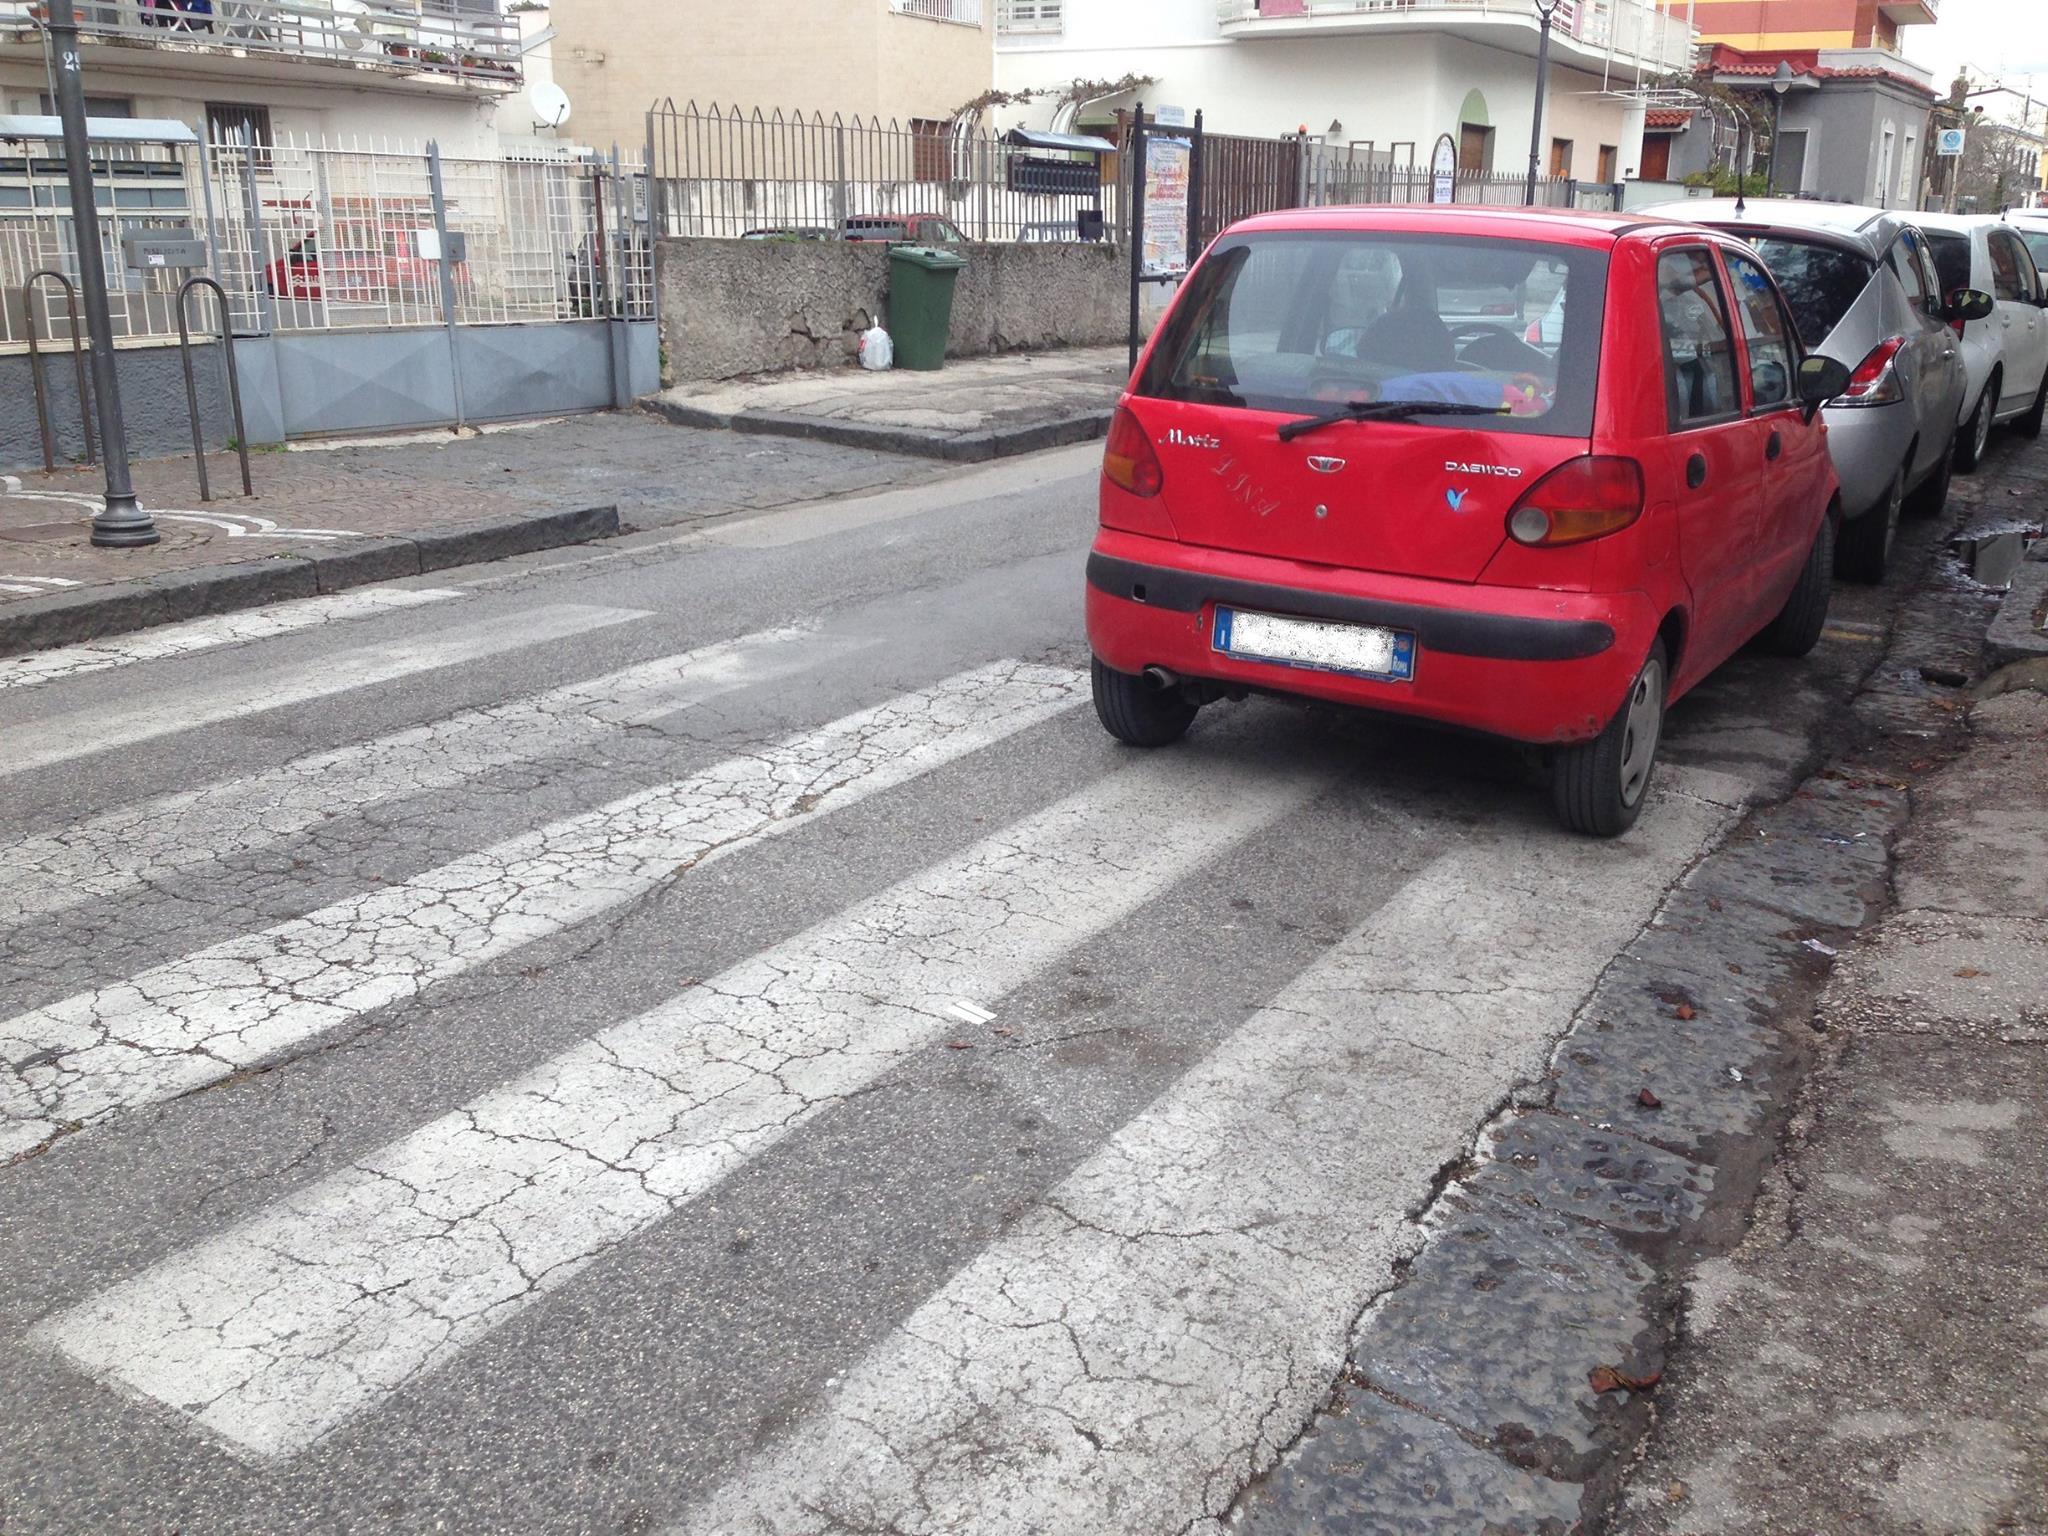 (Fotogallery) Delinquenza, inciviltà e caos per le strade di Pollena Trocchia